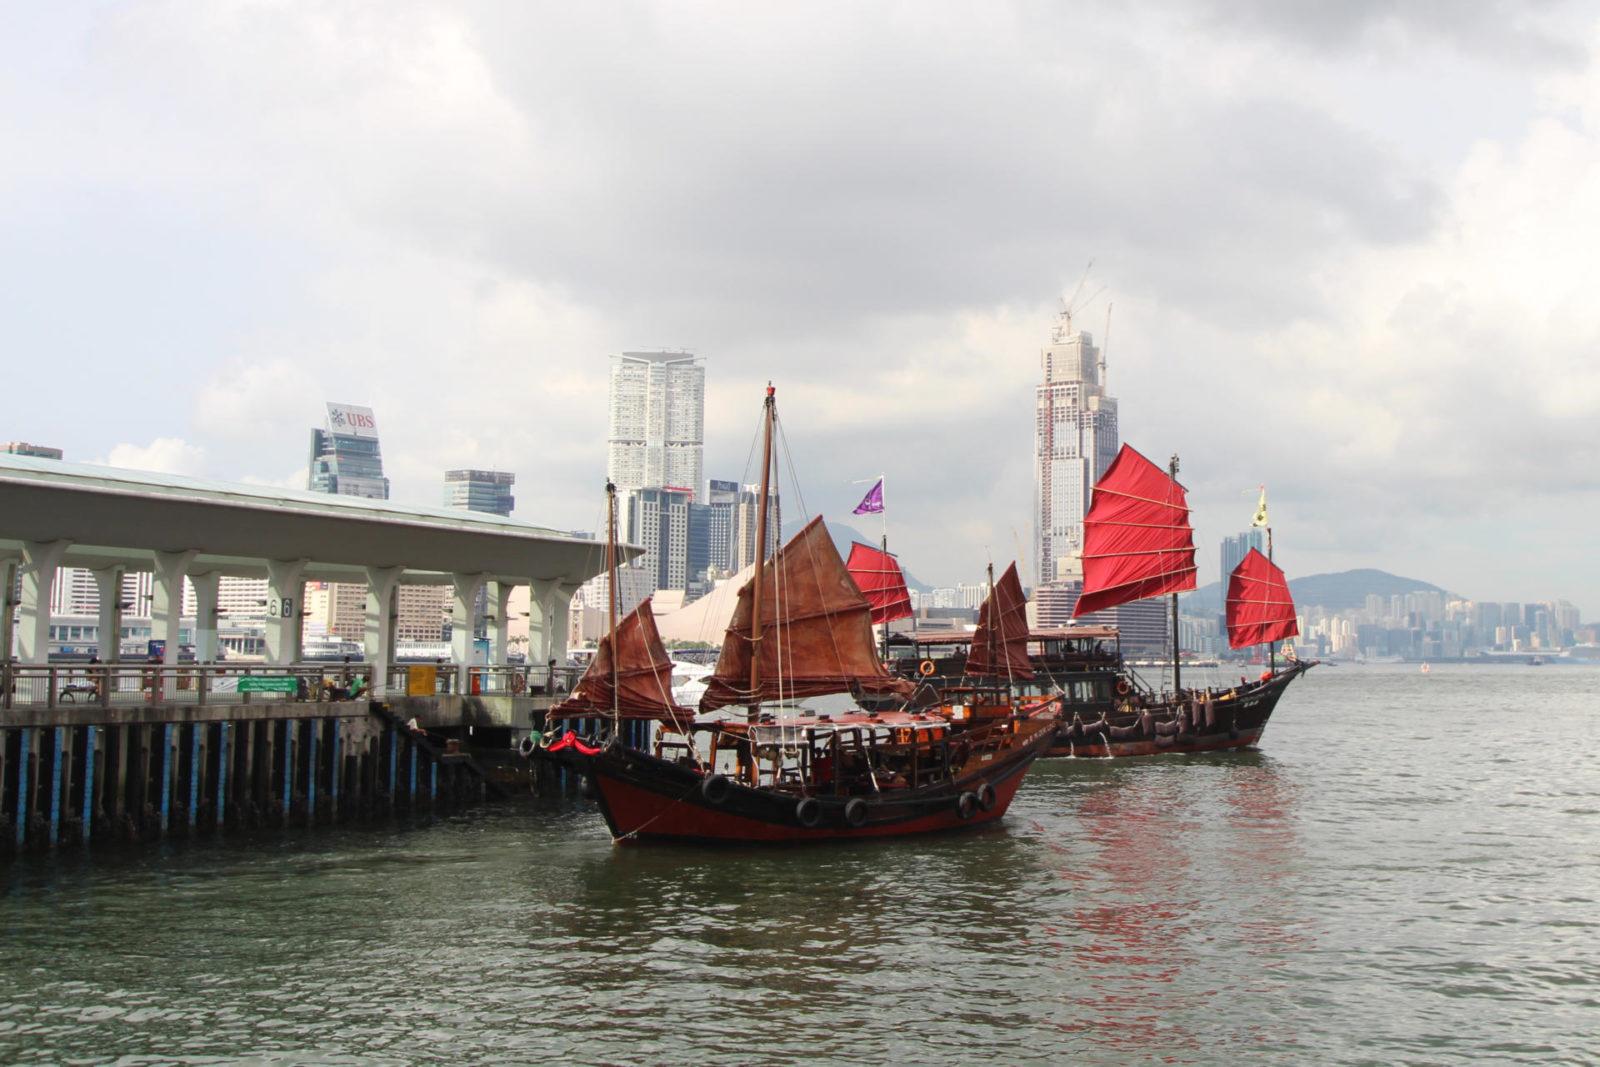 Hong Kong Junk Boats Aqua Luna travel blogger UK